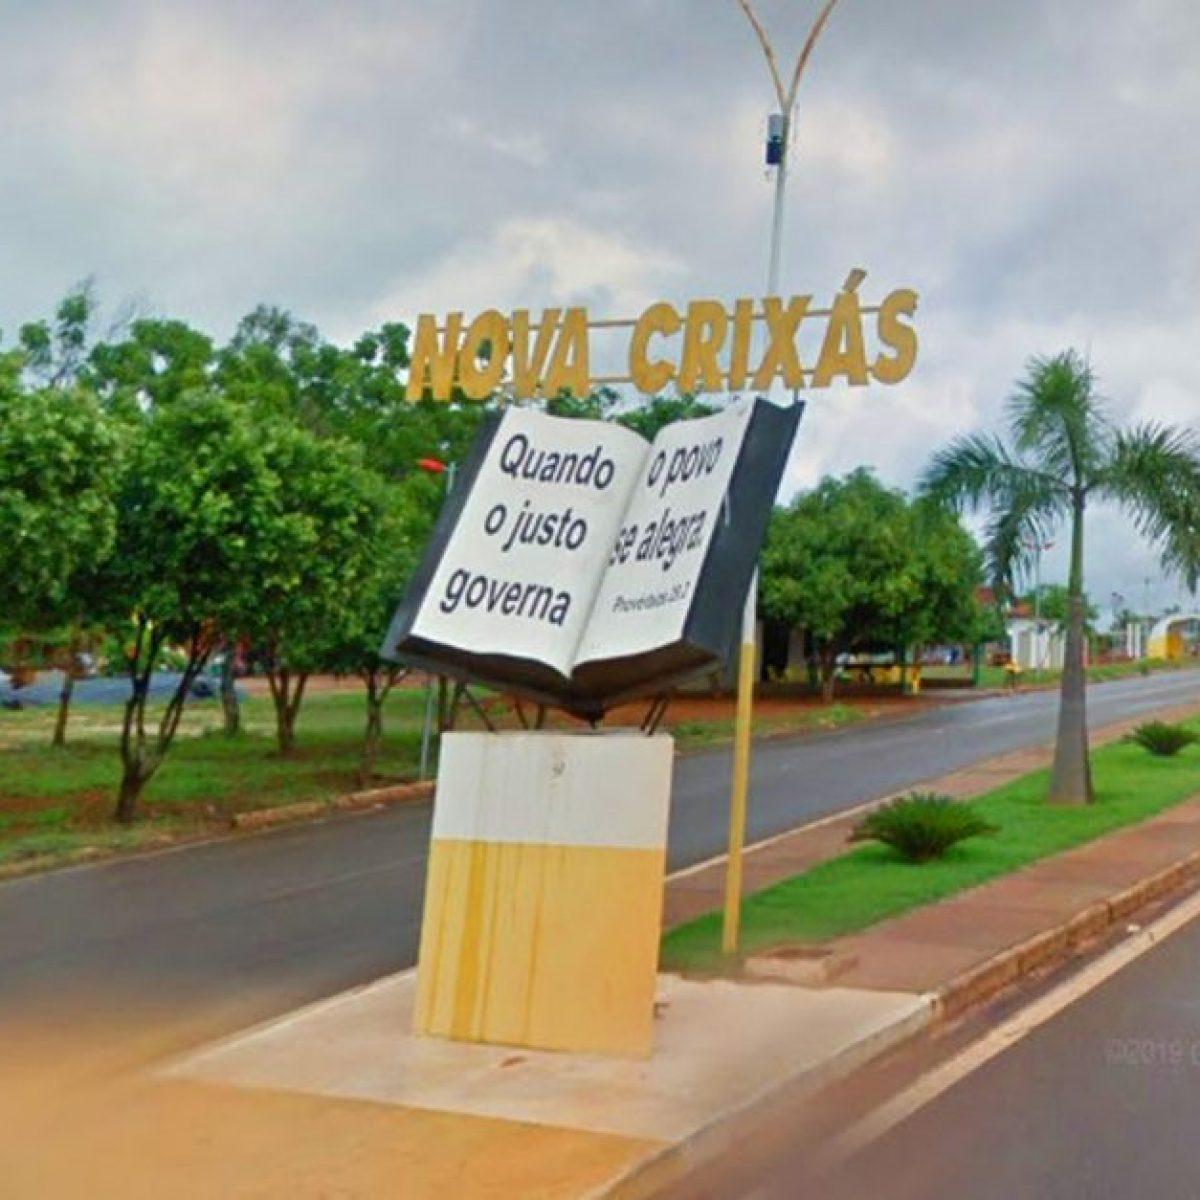 Nova Crixás Goiás fonte: www.emaisgoias.com.br